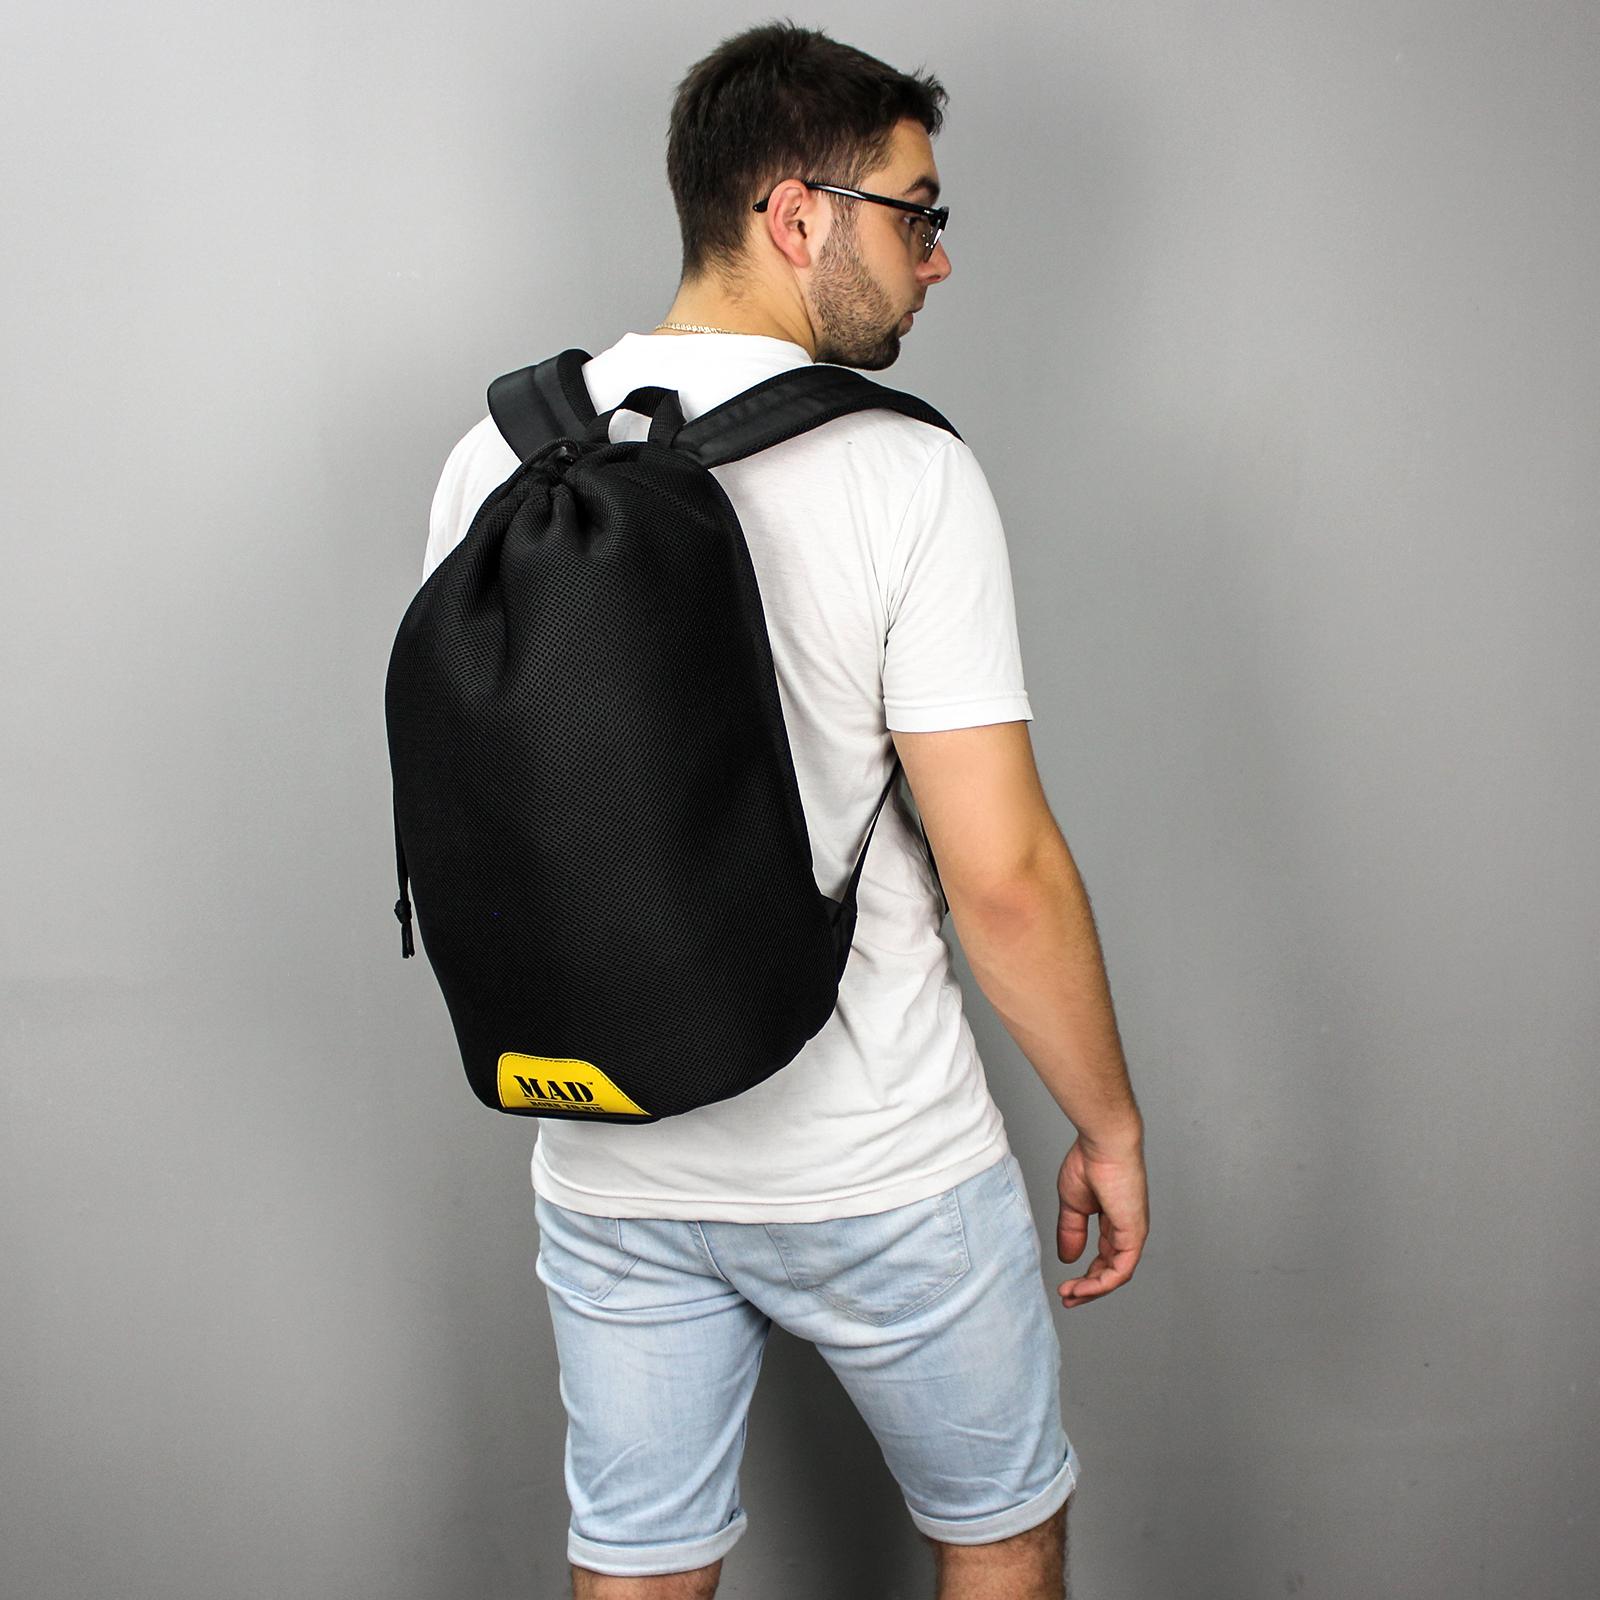 вентилируемый рюкзак, воздухопроницаемый рюкзак, воздушный рюкзак, легкий рюкзак, пляжный рюкзак купить, пляжный рюкзак, рюкзак для пляжа, рюкзак с вентиляцией